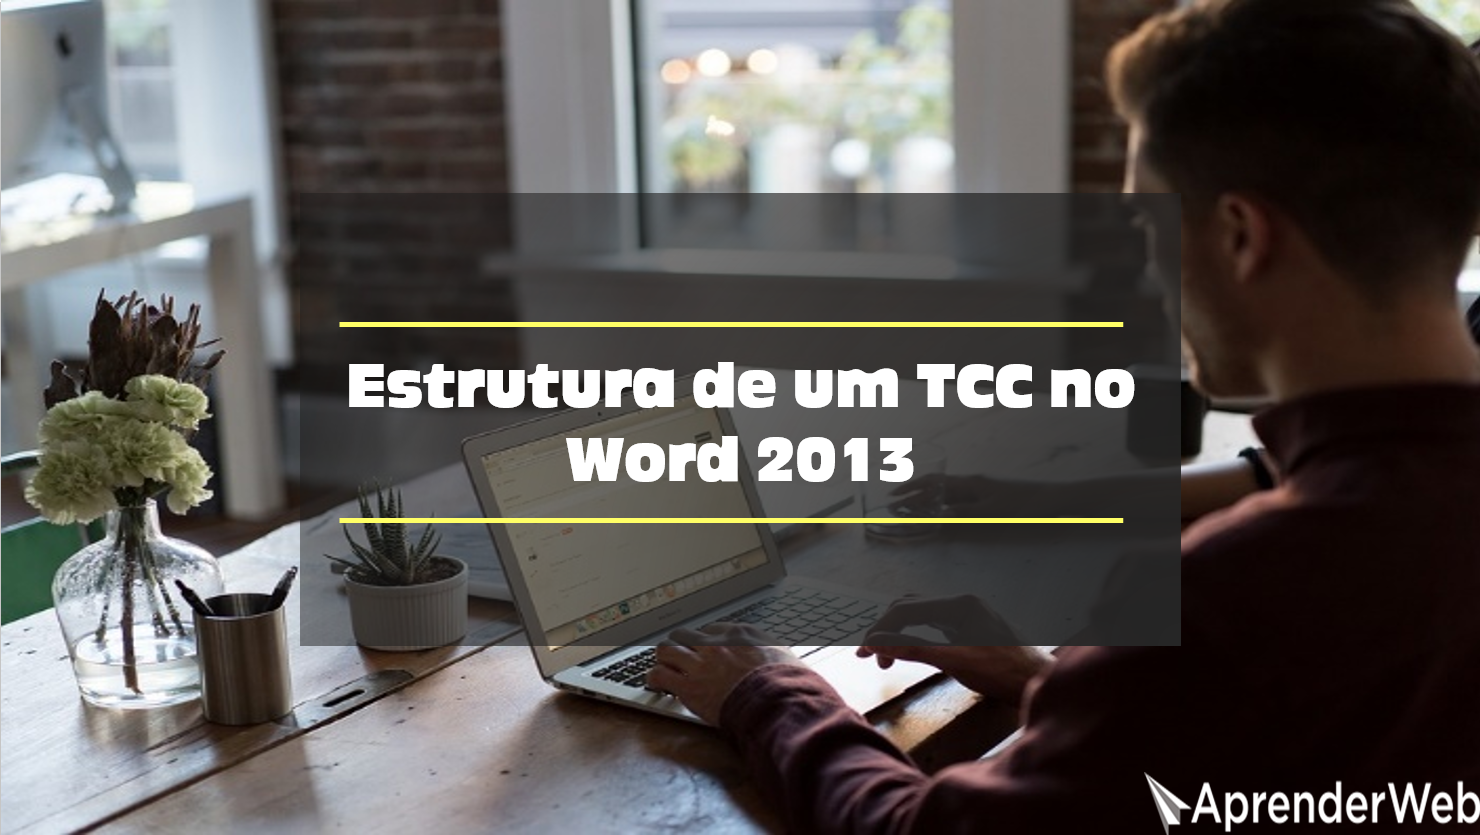 Estrutura de tcc no word 2013